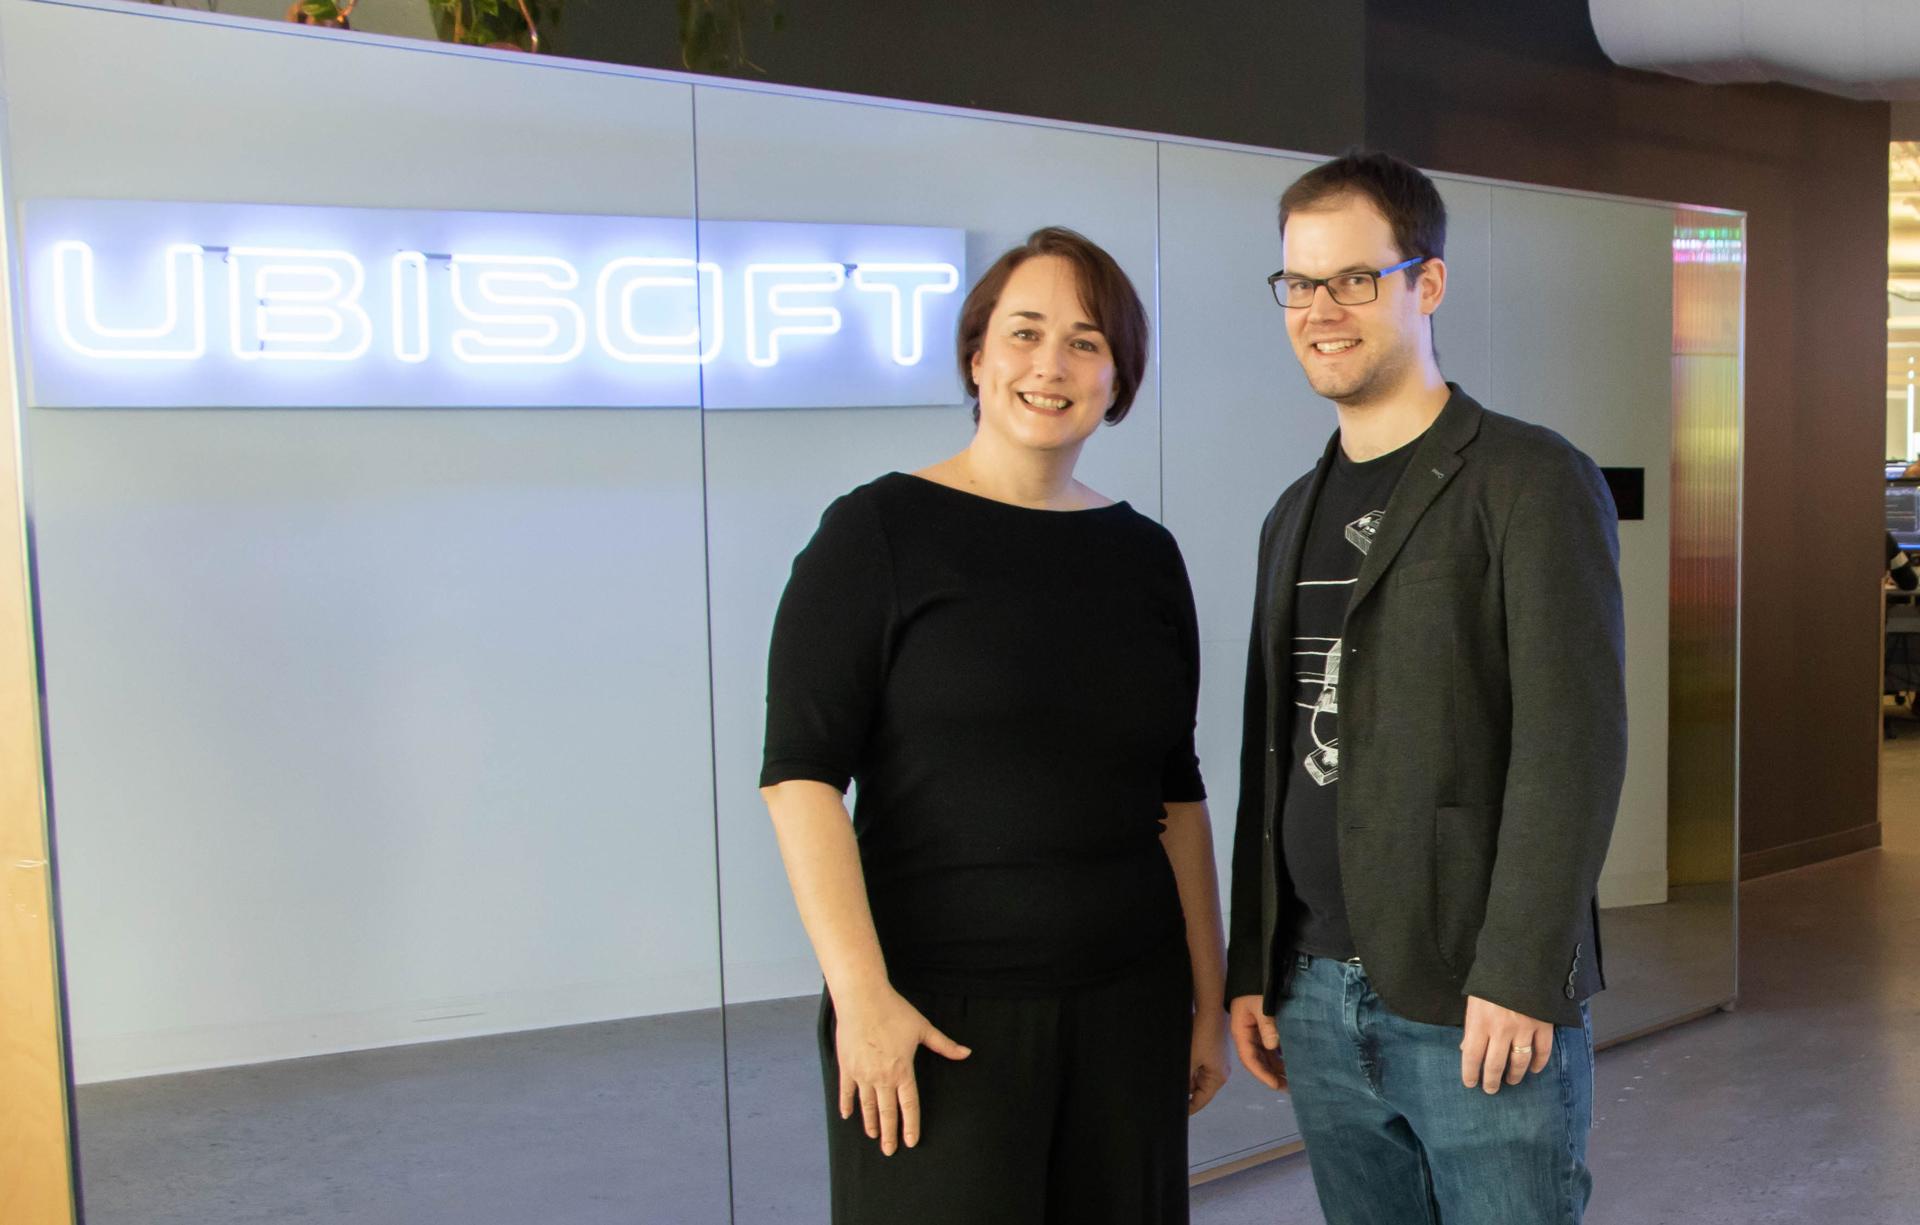 Ubisoft offre 5 000 $ en bourses aux finissants en jeu vidéo indépendant de l'UQAT